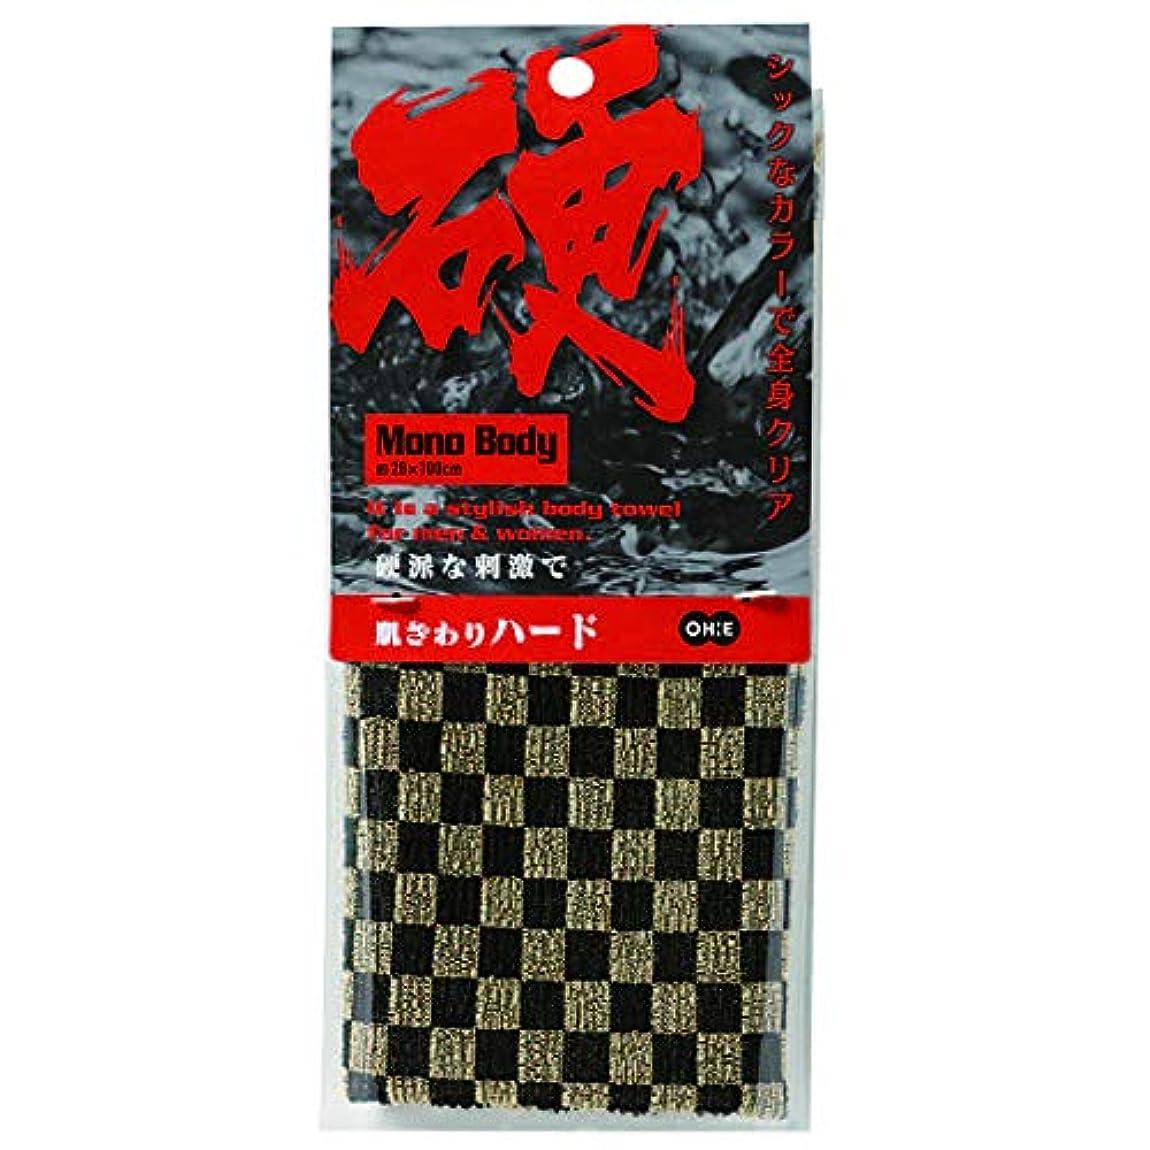 誠実圧倒的スチュアート島オーエ ボディタオル グレー 黒 約幅28×長さ100cm MB 硬 ハード チェック 体洗い 日本製